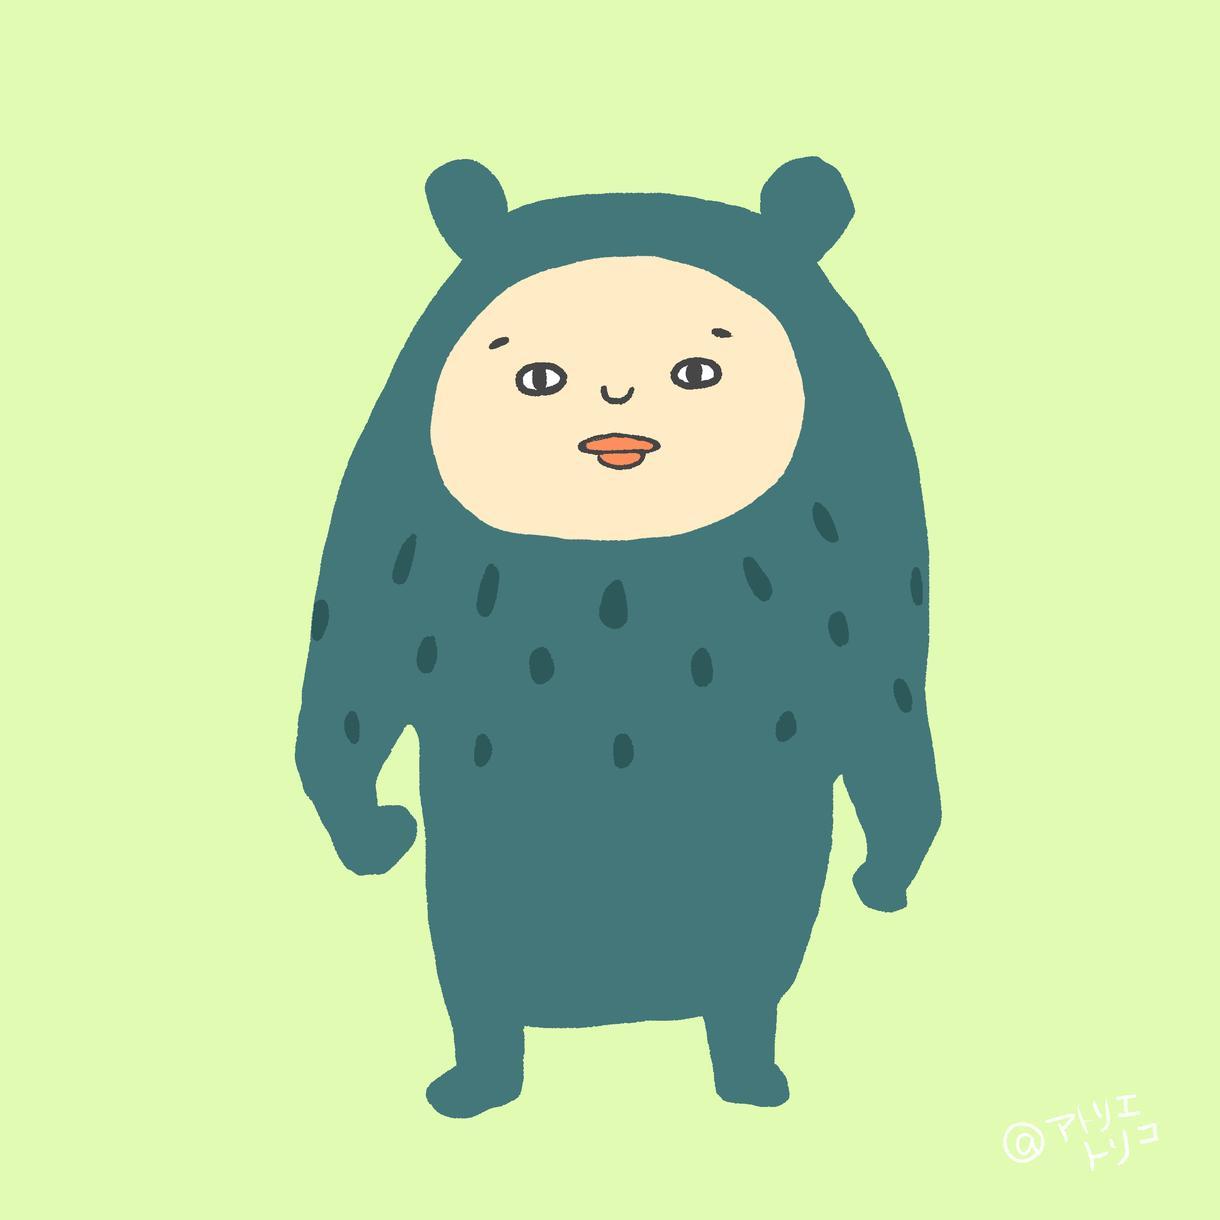 ゆる系シュールな動物着ぐるみアイコン描きます かわいくて、少しシュールなアイコンを使ってみませんか?